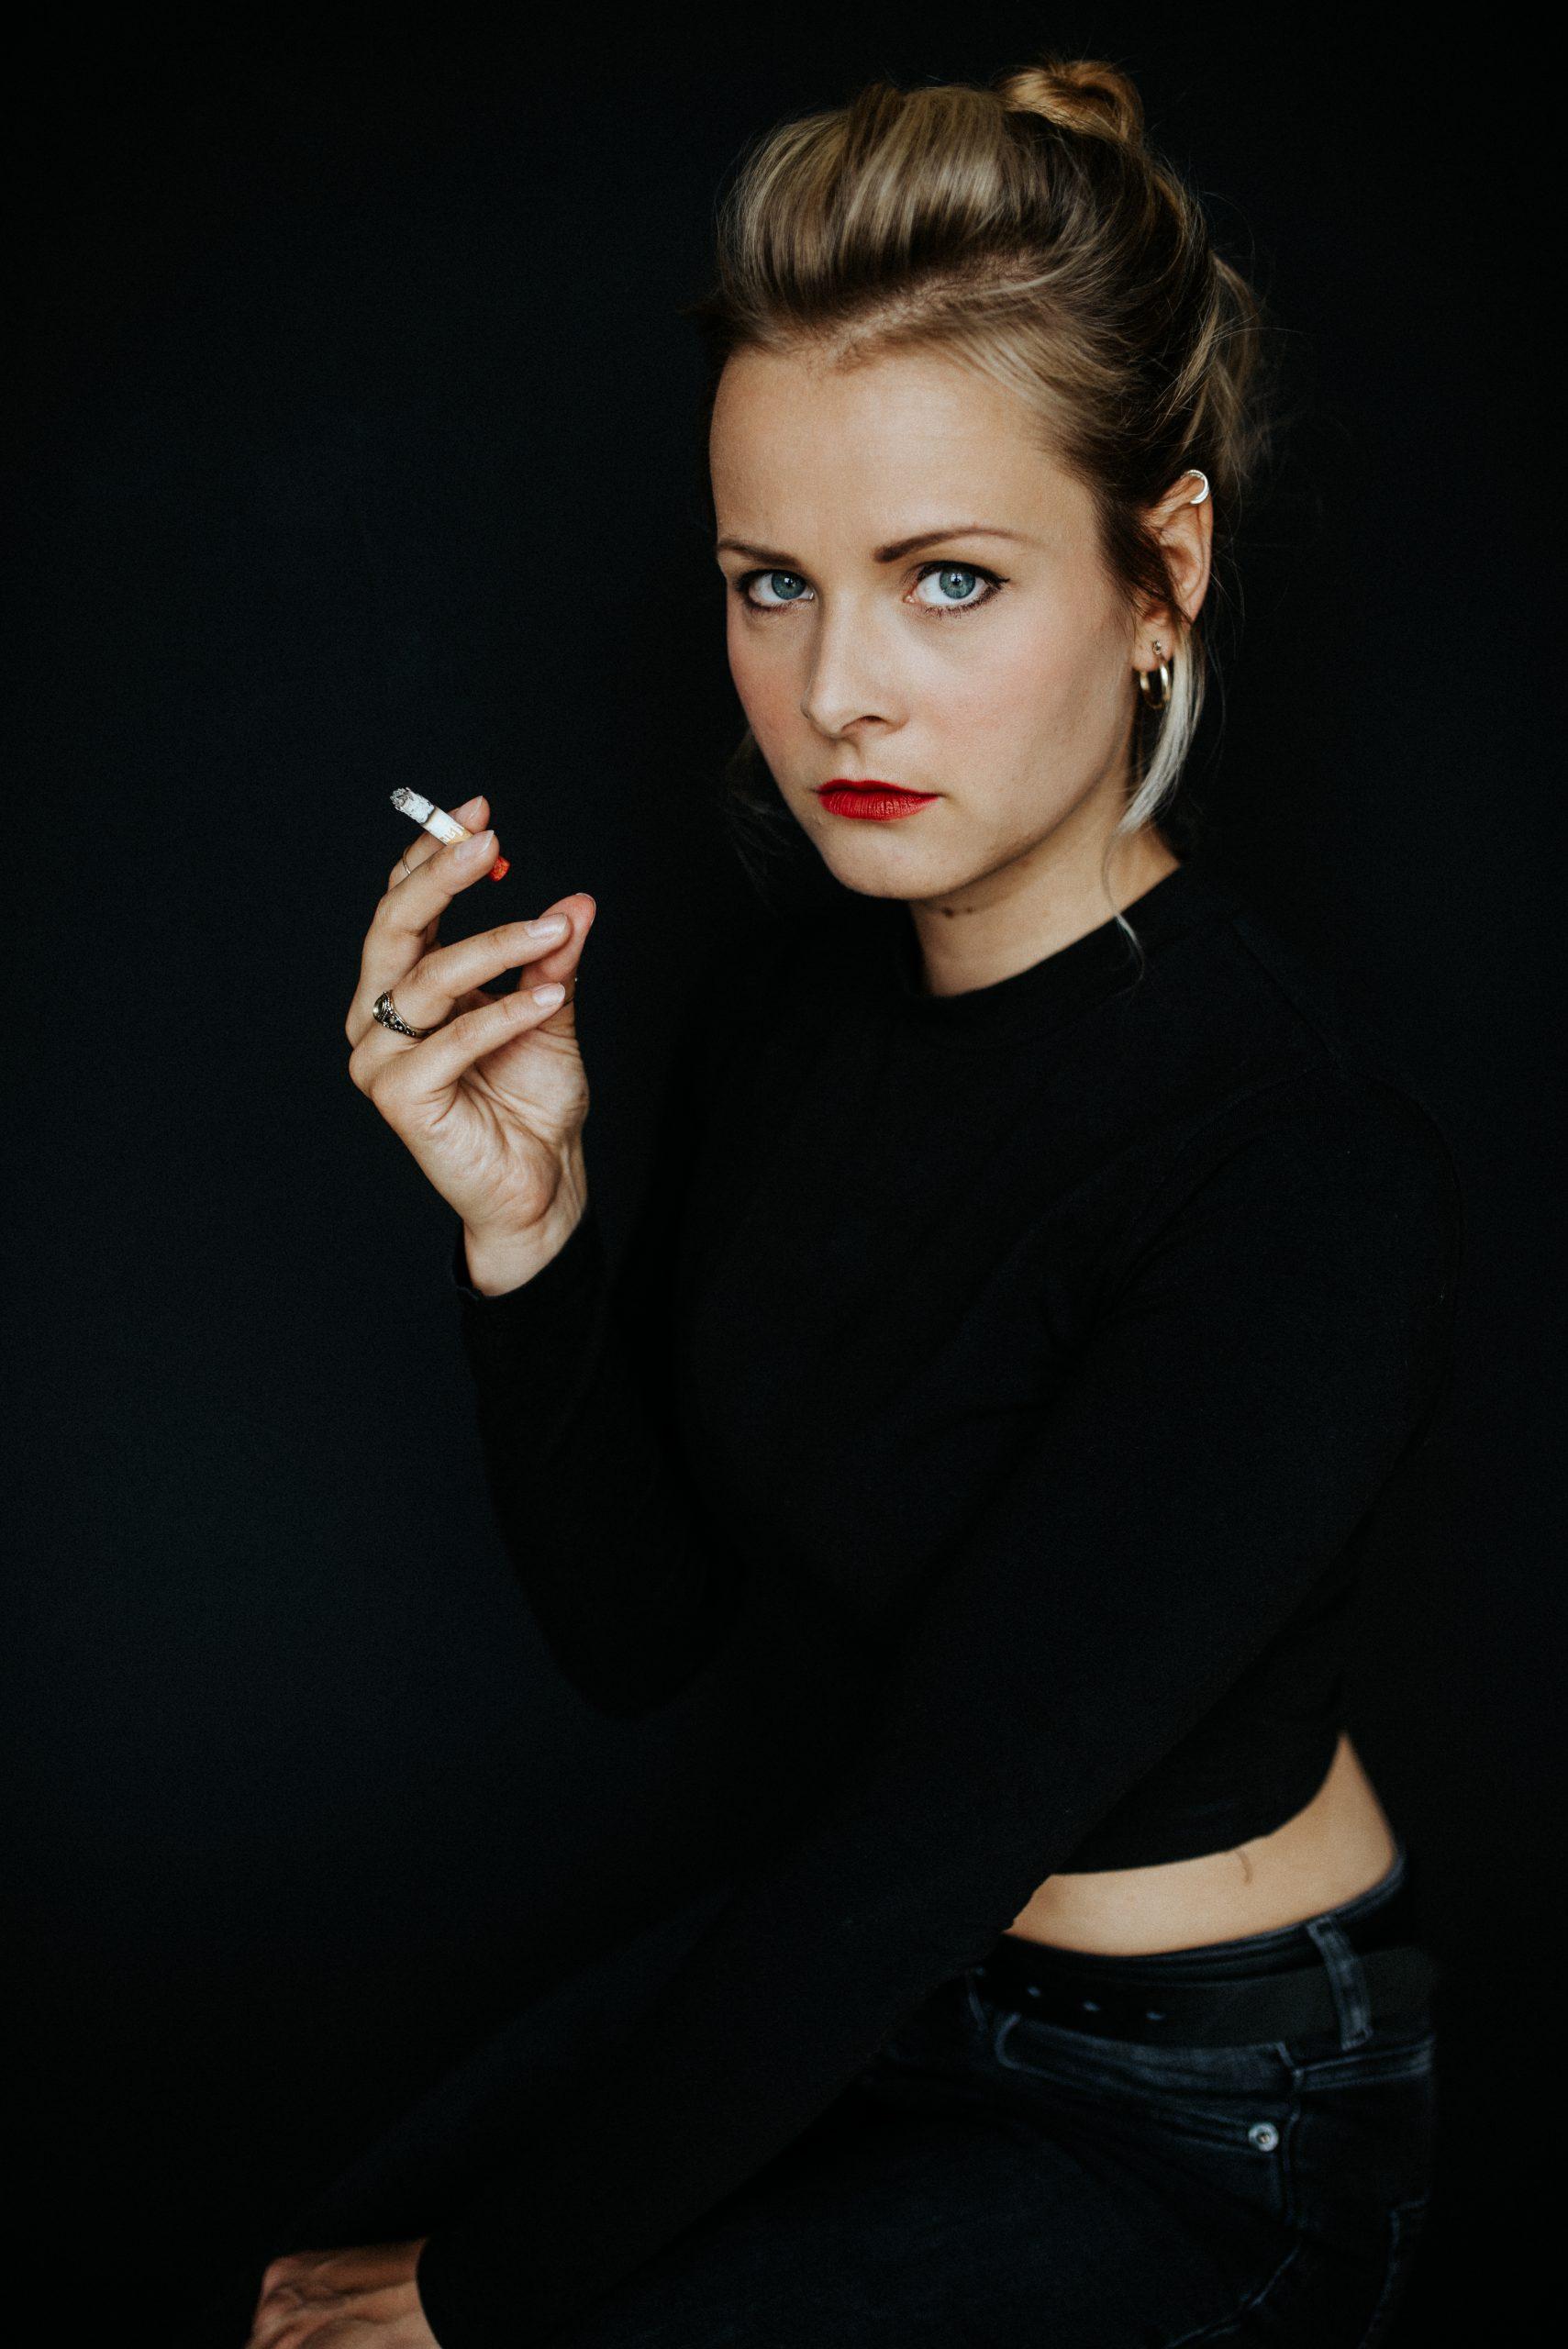 Frau mit Zigarette schaut ernst in Kamera